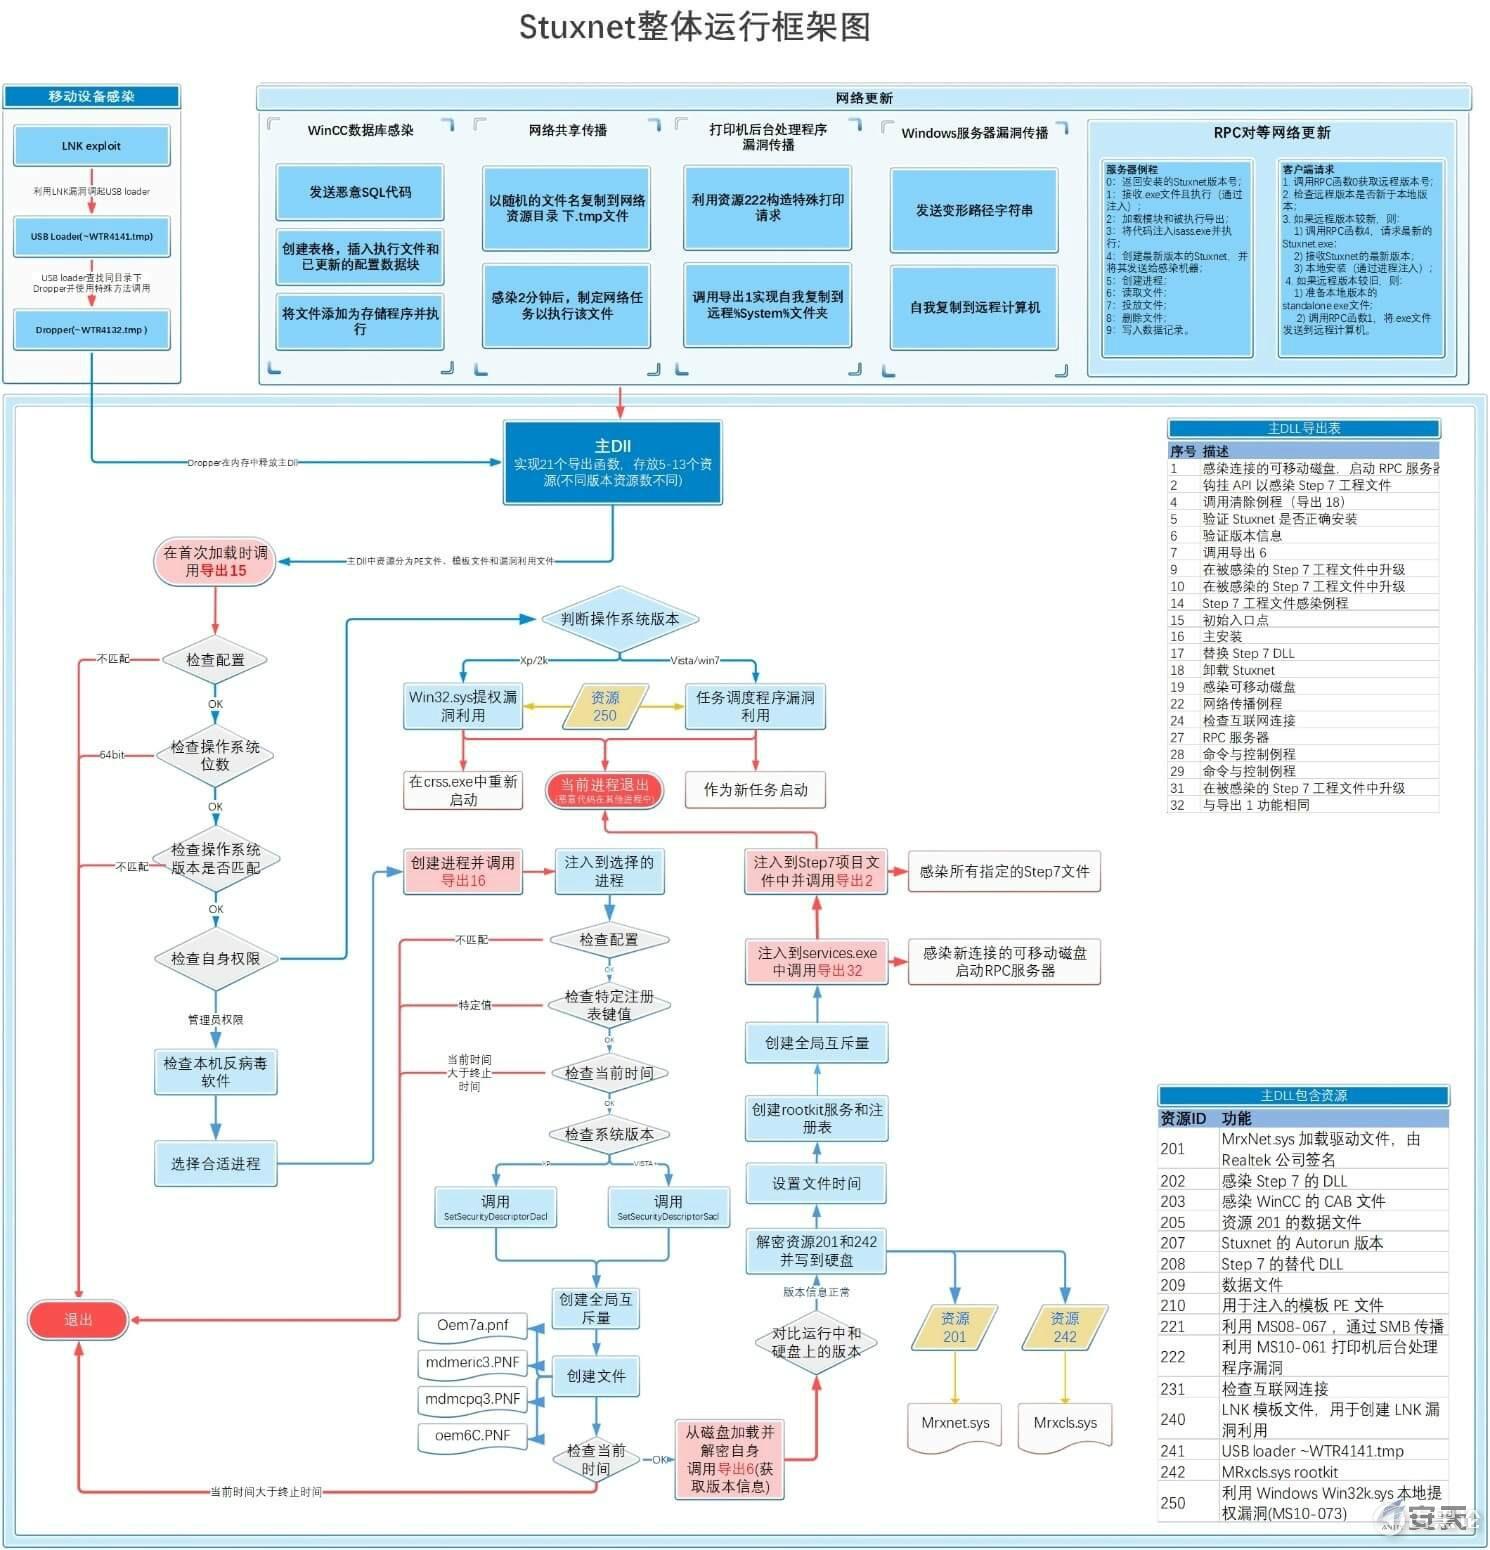 有史以来最复杂的软件——Stuxnet 震网 3-2.jpg